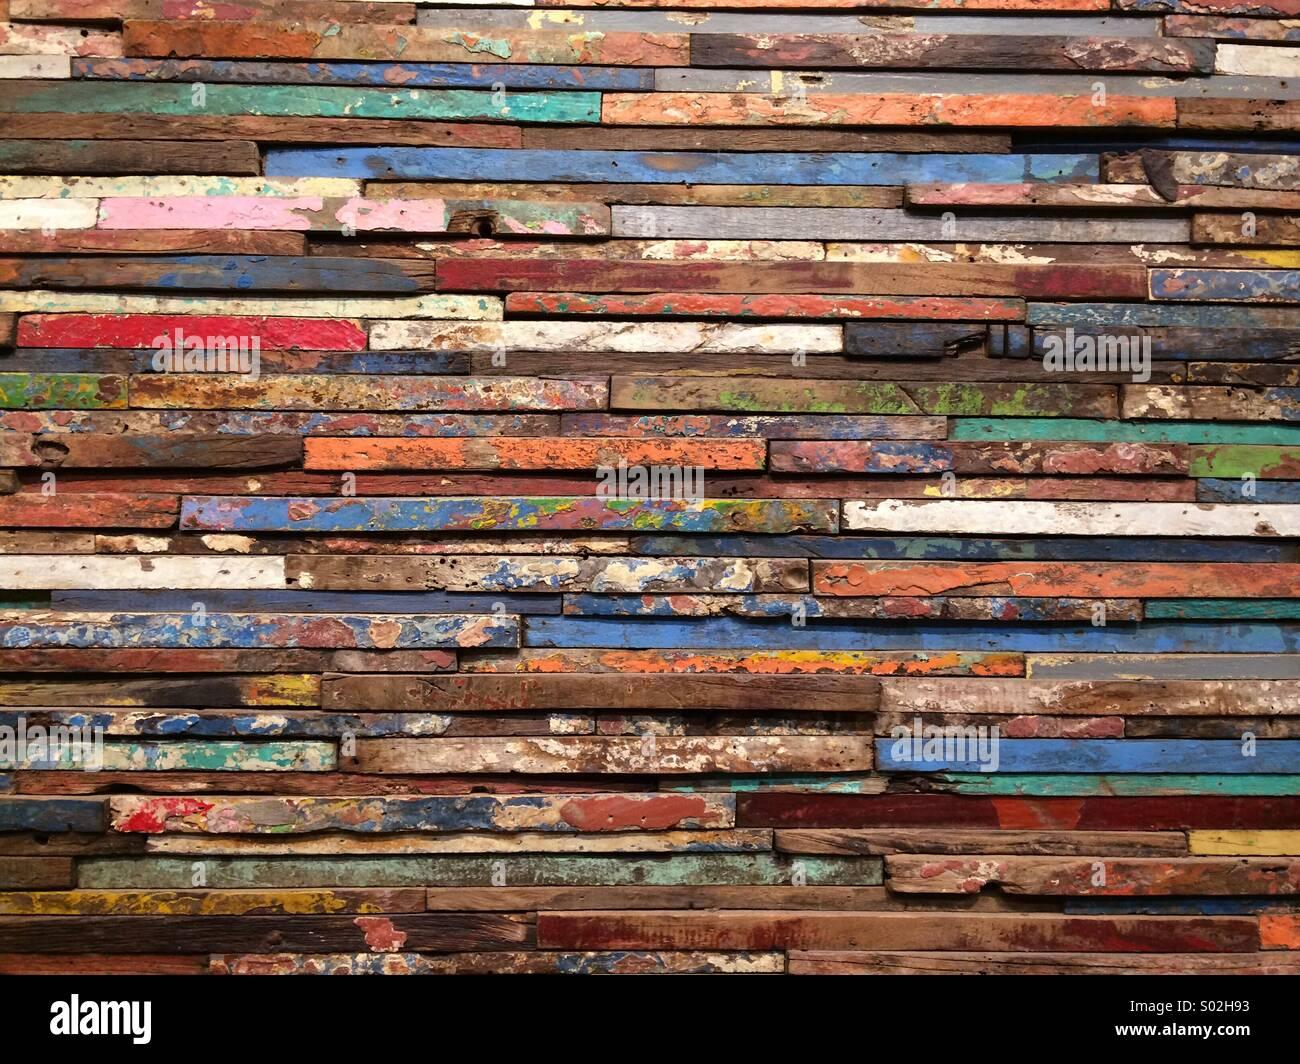 Riutilizzare il legno (orizzontale) windows telai riutilizzato come l'arte al muro Immagini Stock